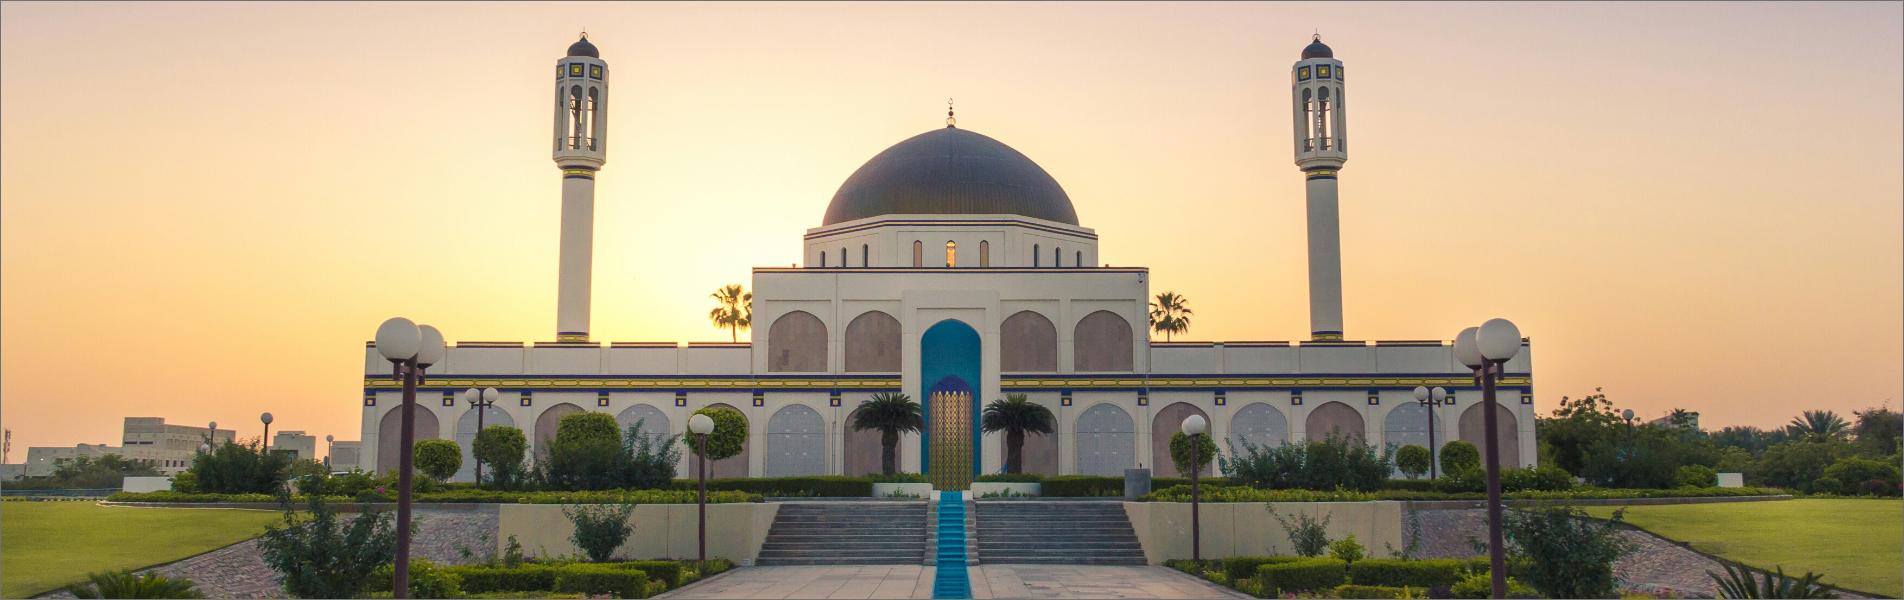 مسجد الجامعة